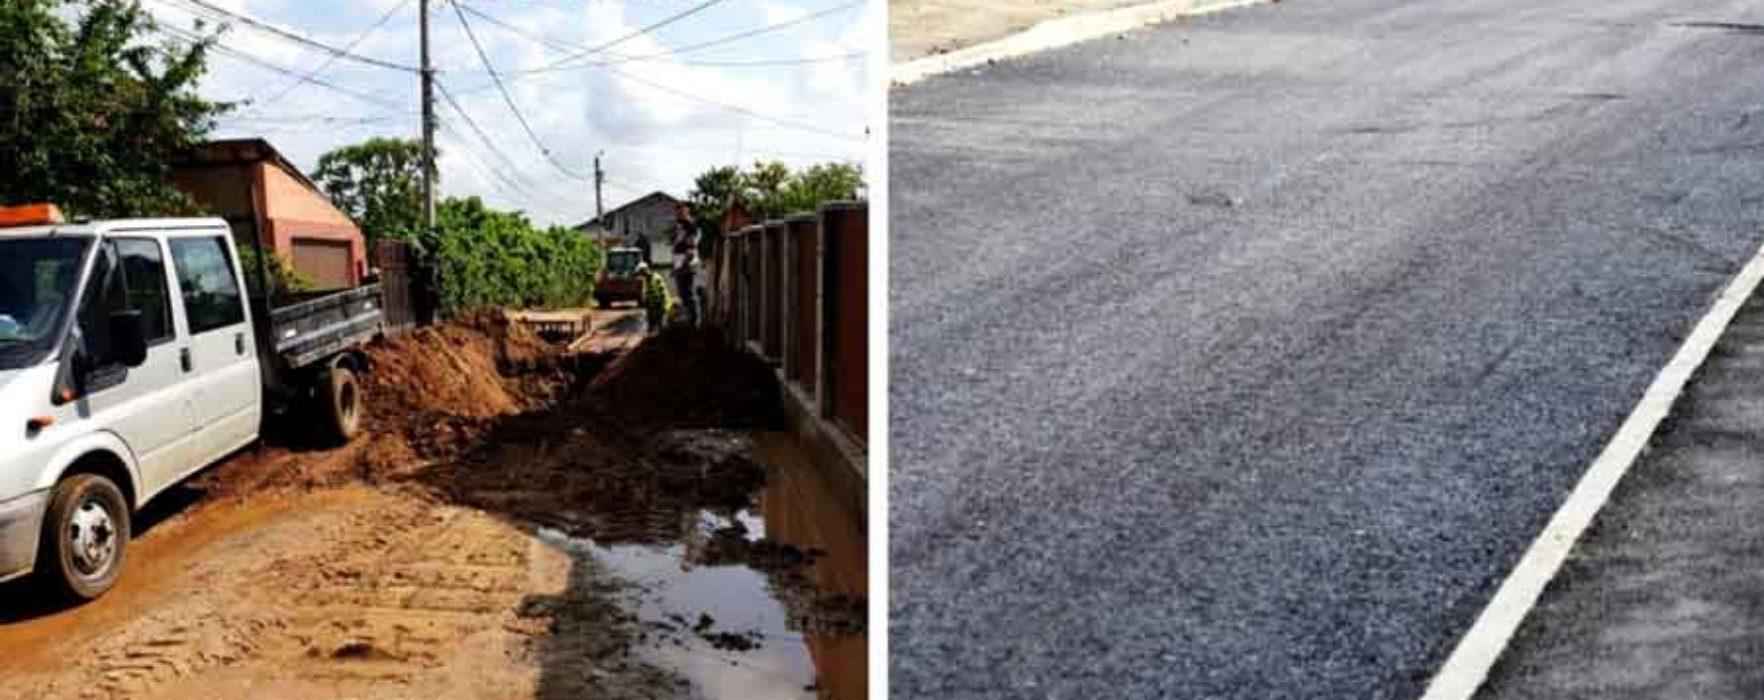 Târgovişte: Au fost asfaltate străzile Nifon, Miron Costin si Ileana Sararoiu